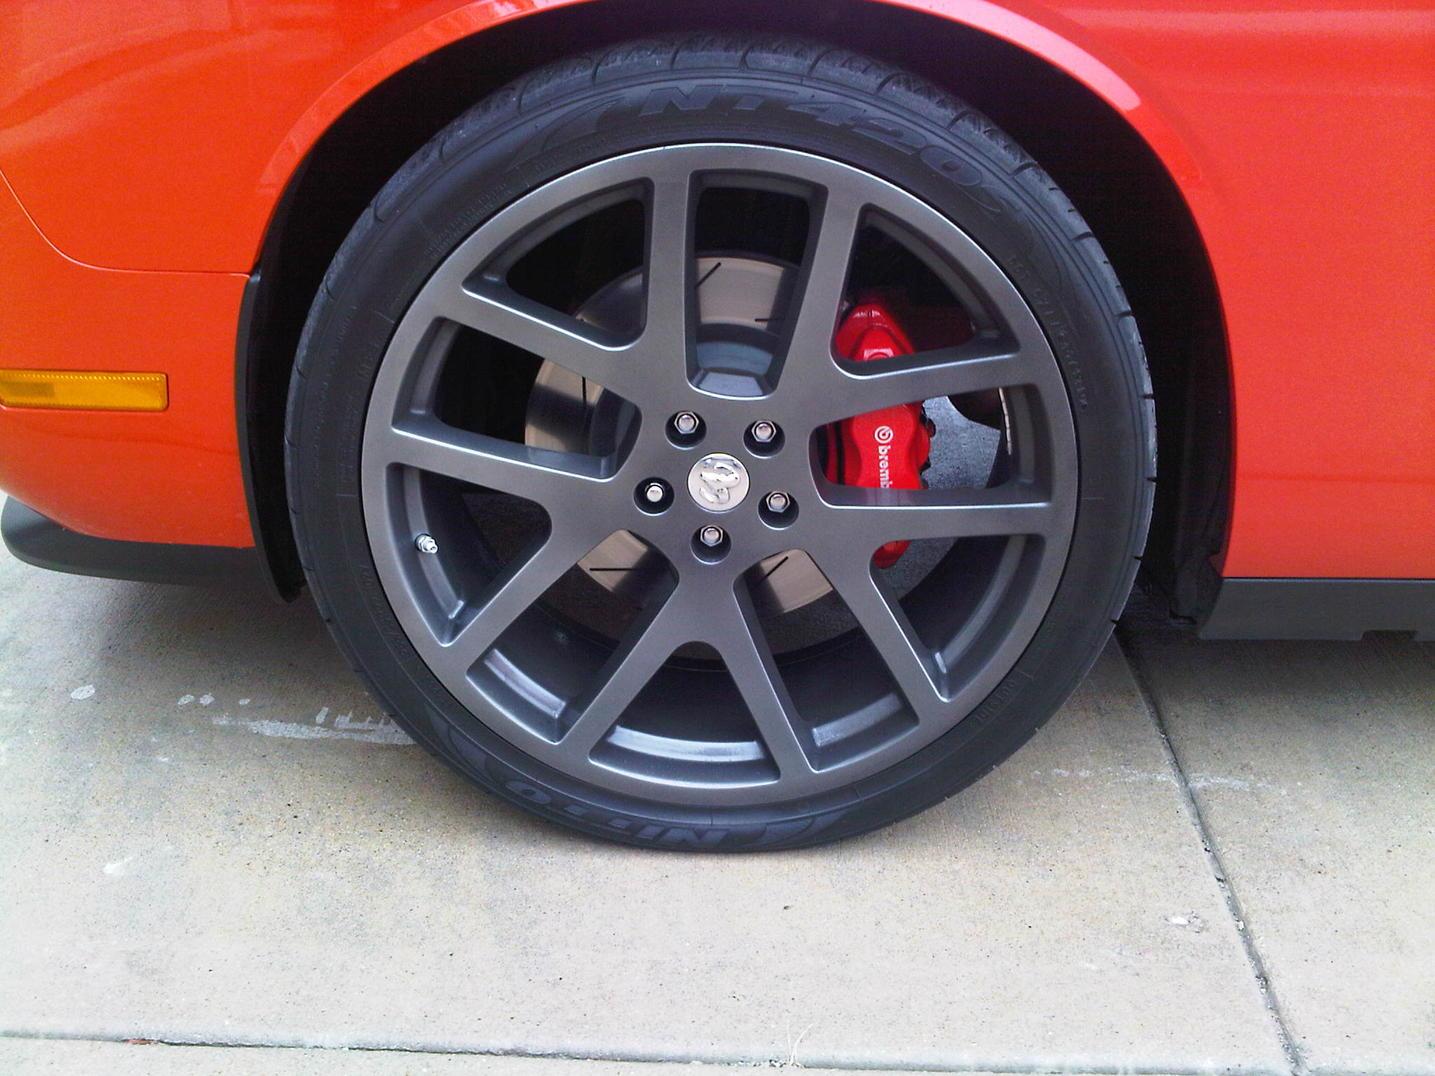 Graphite+grey+wheels